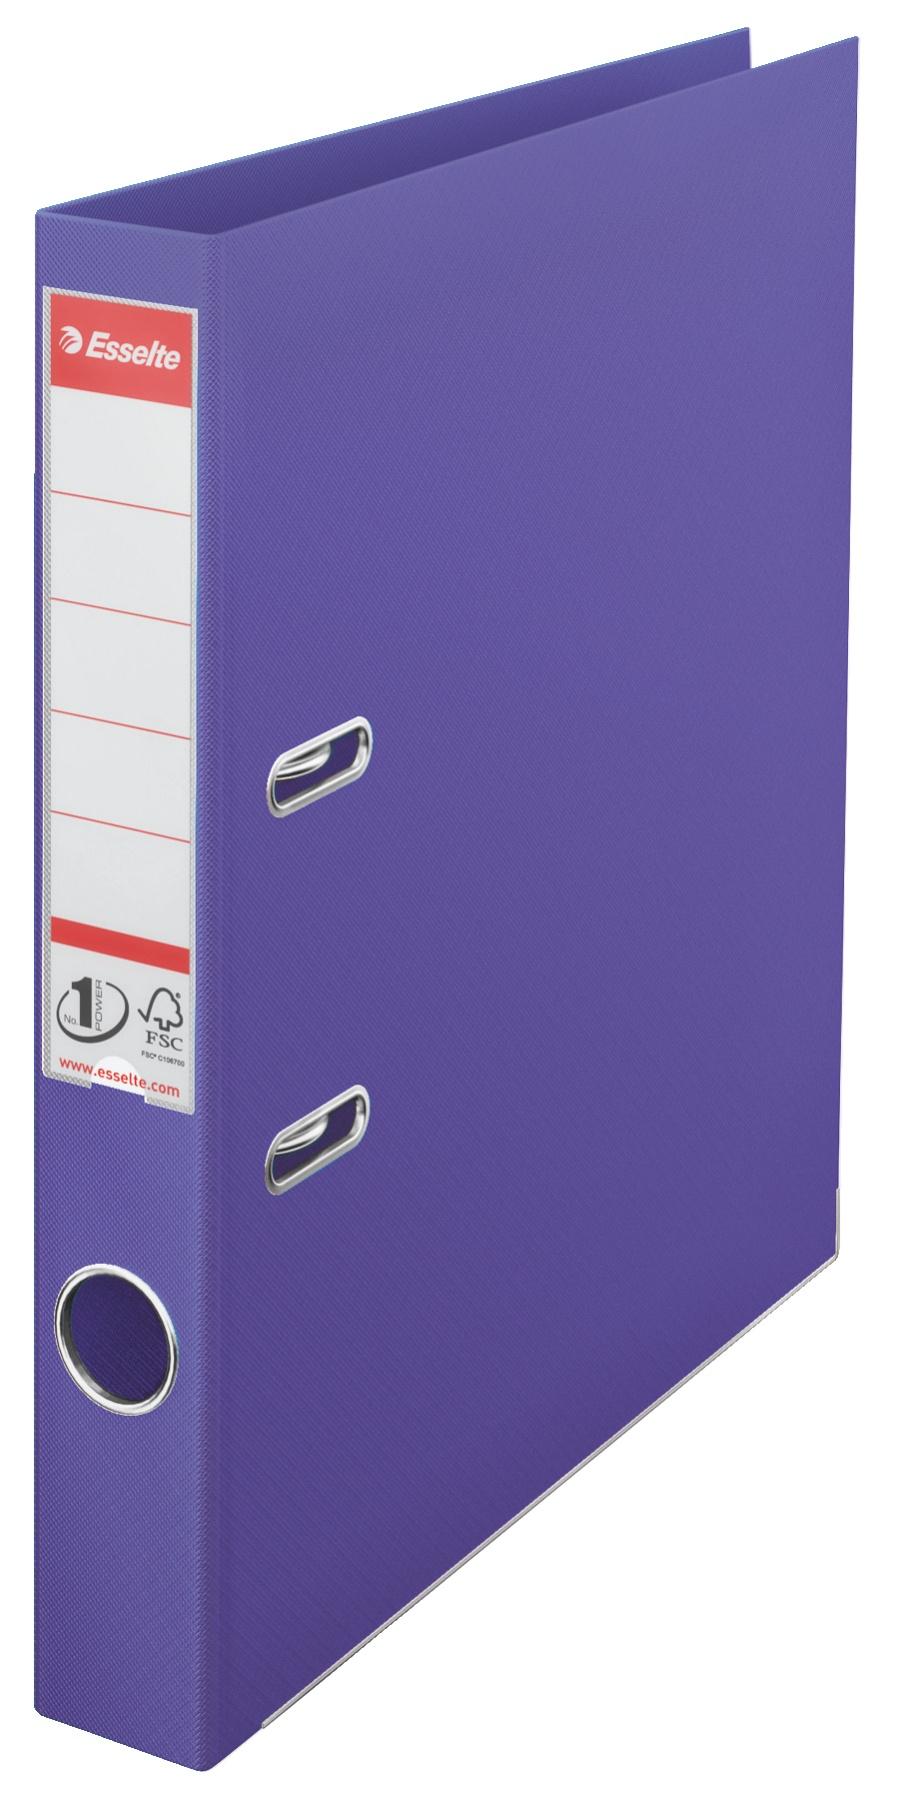 Папка-регистратор Esselte No.1, А4, 50 мм, фиолетовый Esselte